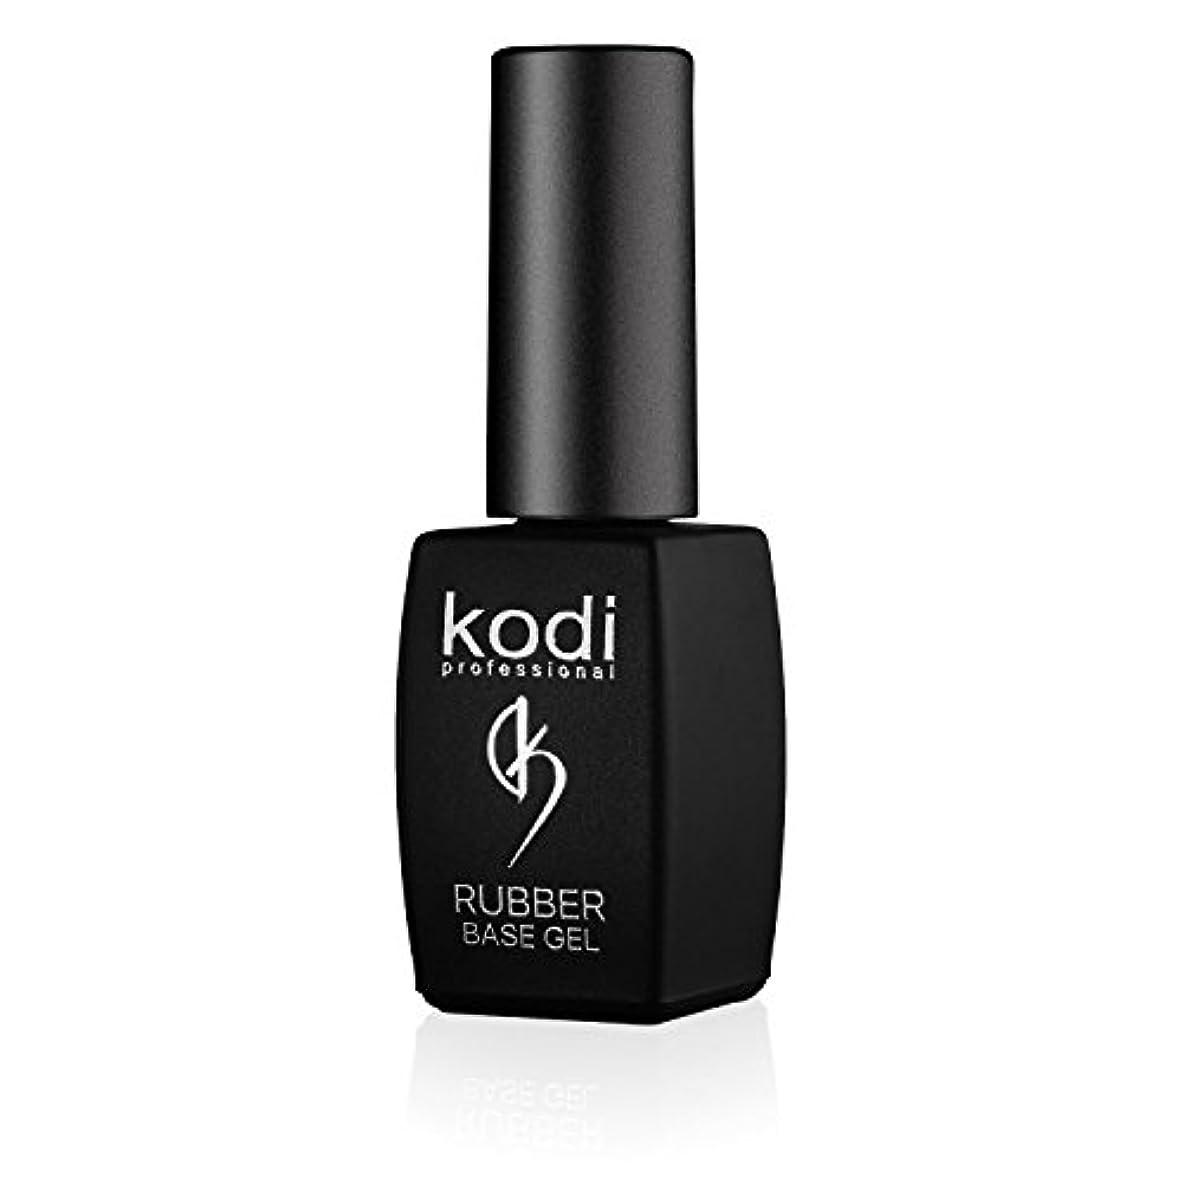 一生ハッチ転送Professional Rubber Base Gel By Kodi | 8ml 0.27 oz | Soak Off, Polish Fingernails Coat Gel | For Long Lasting...